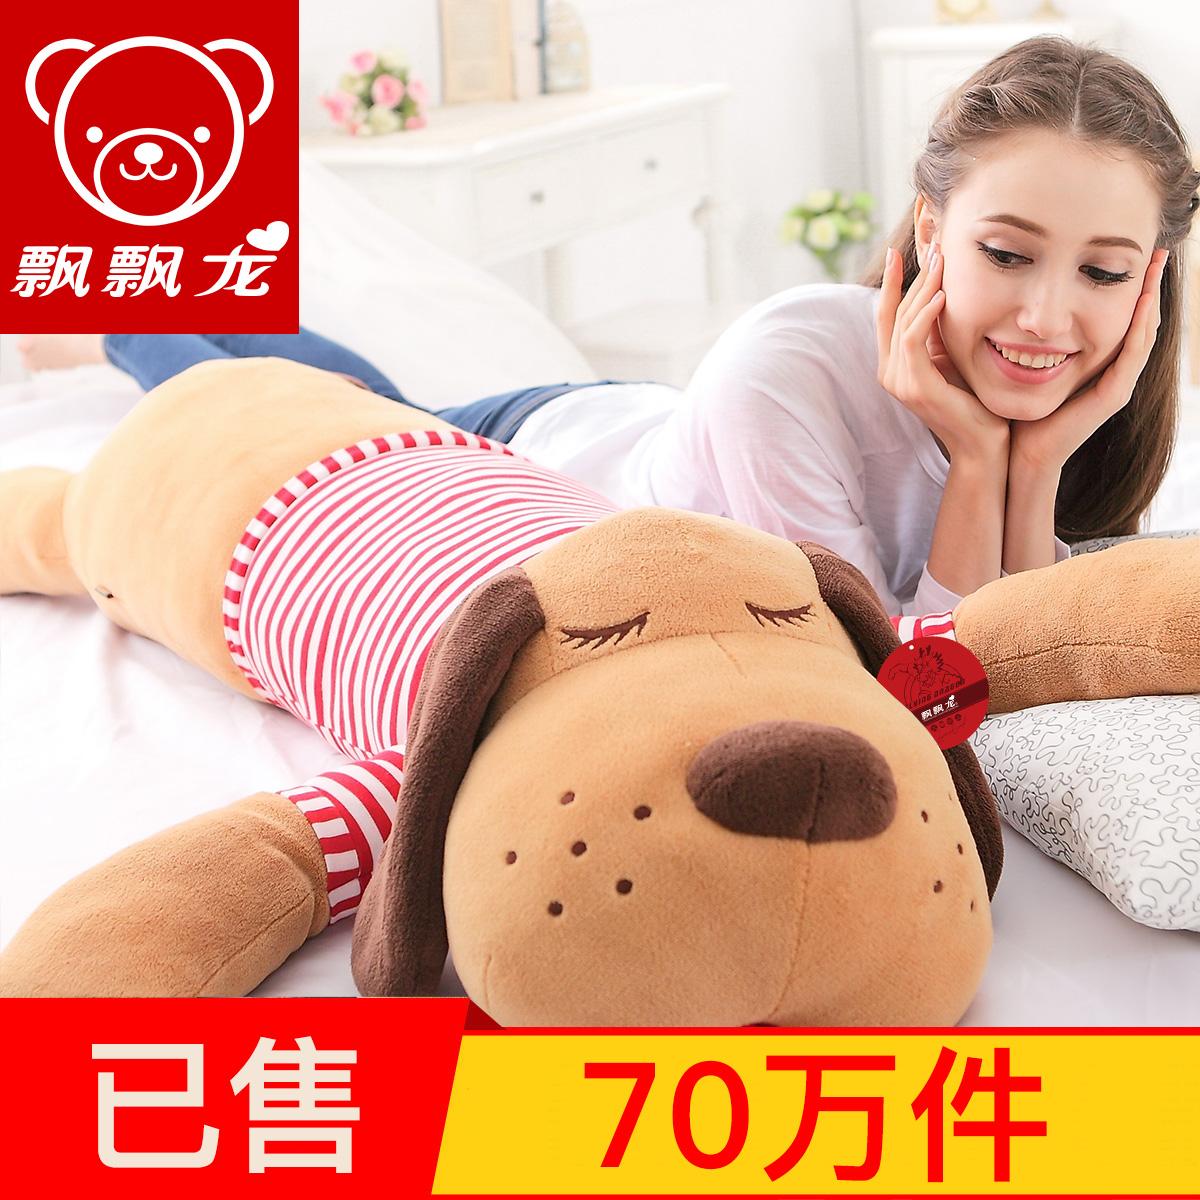 毛绒玩具狗趴趴狗可爱公仔女生生日礼物睡觉抱枕靠垫布娃娃送女友